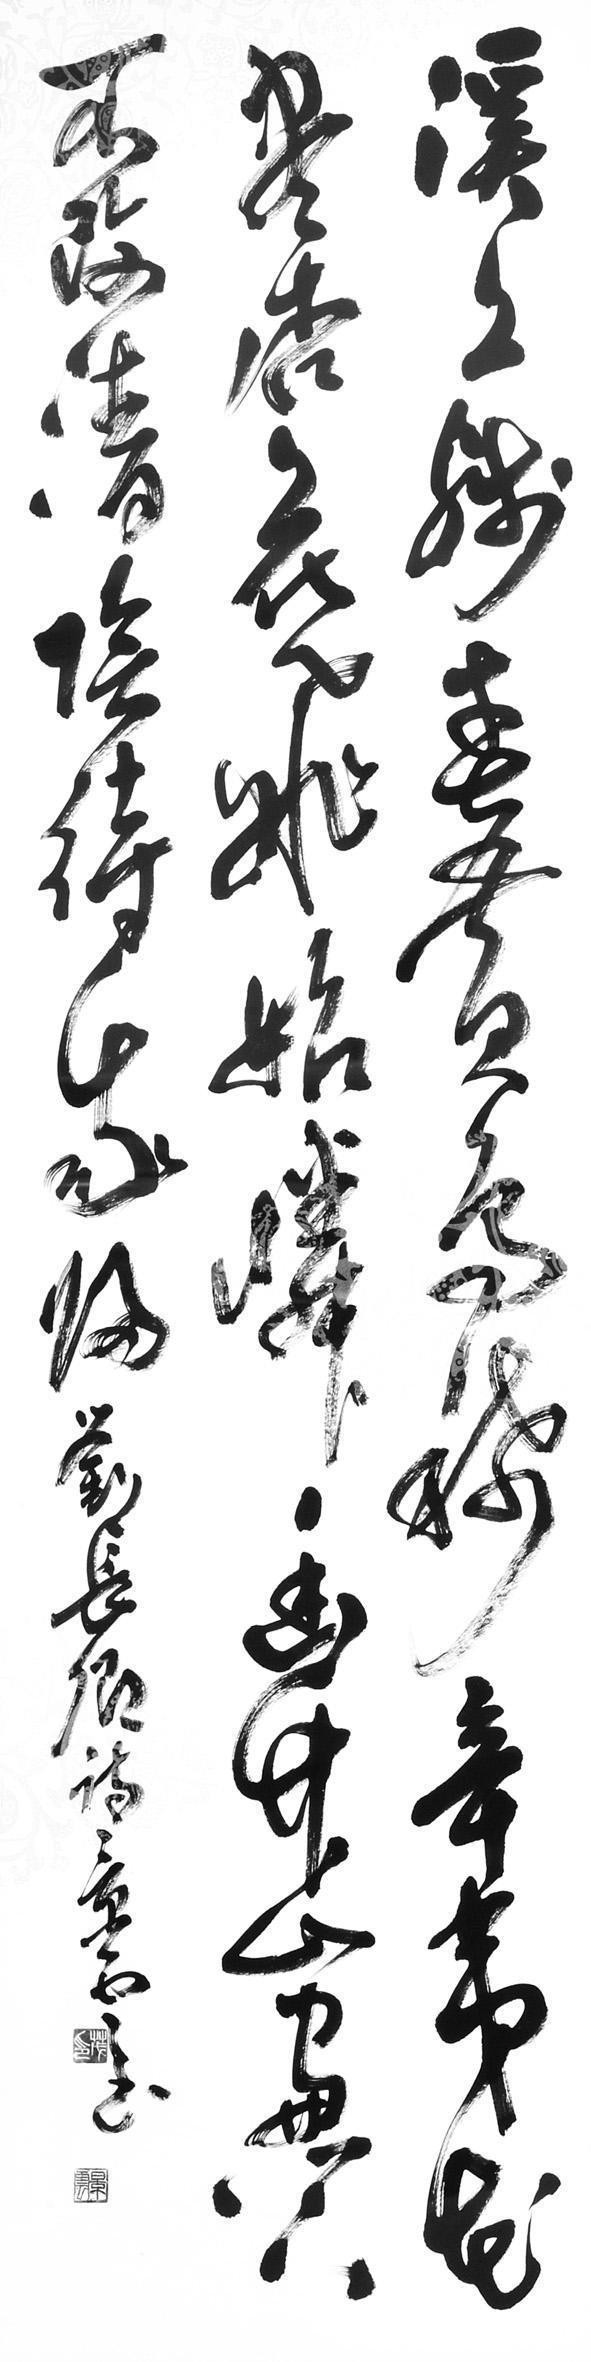 7.第二展覧会部長 田中景雲